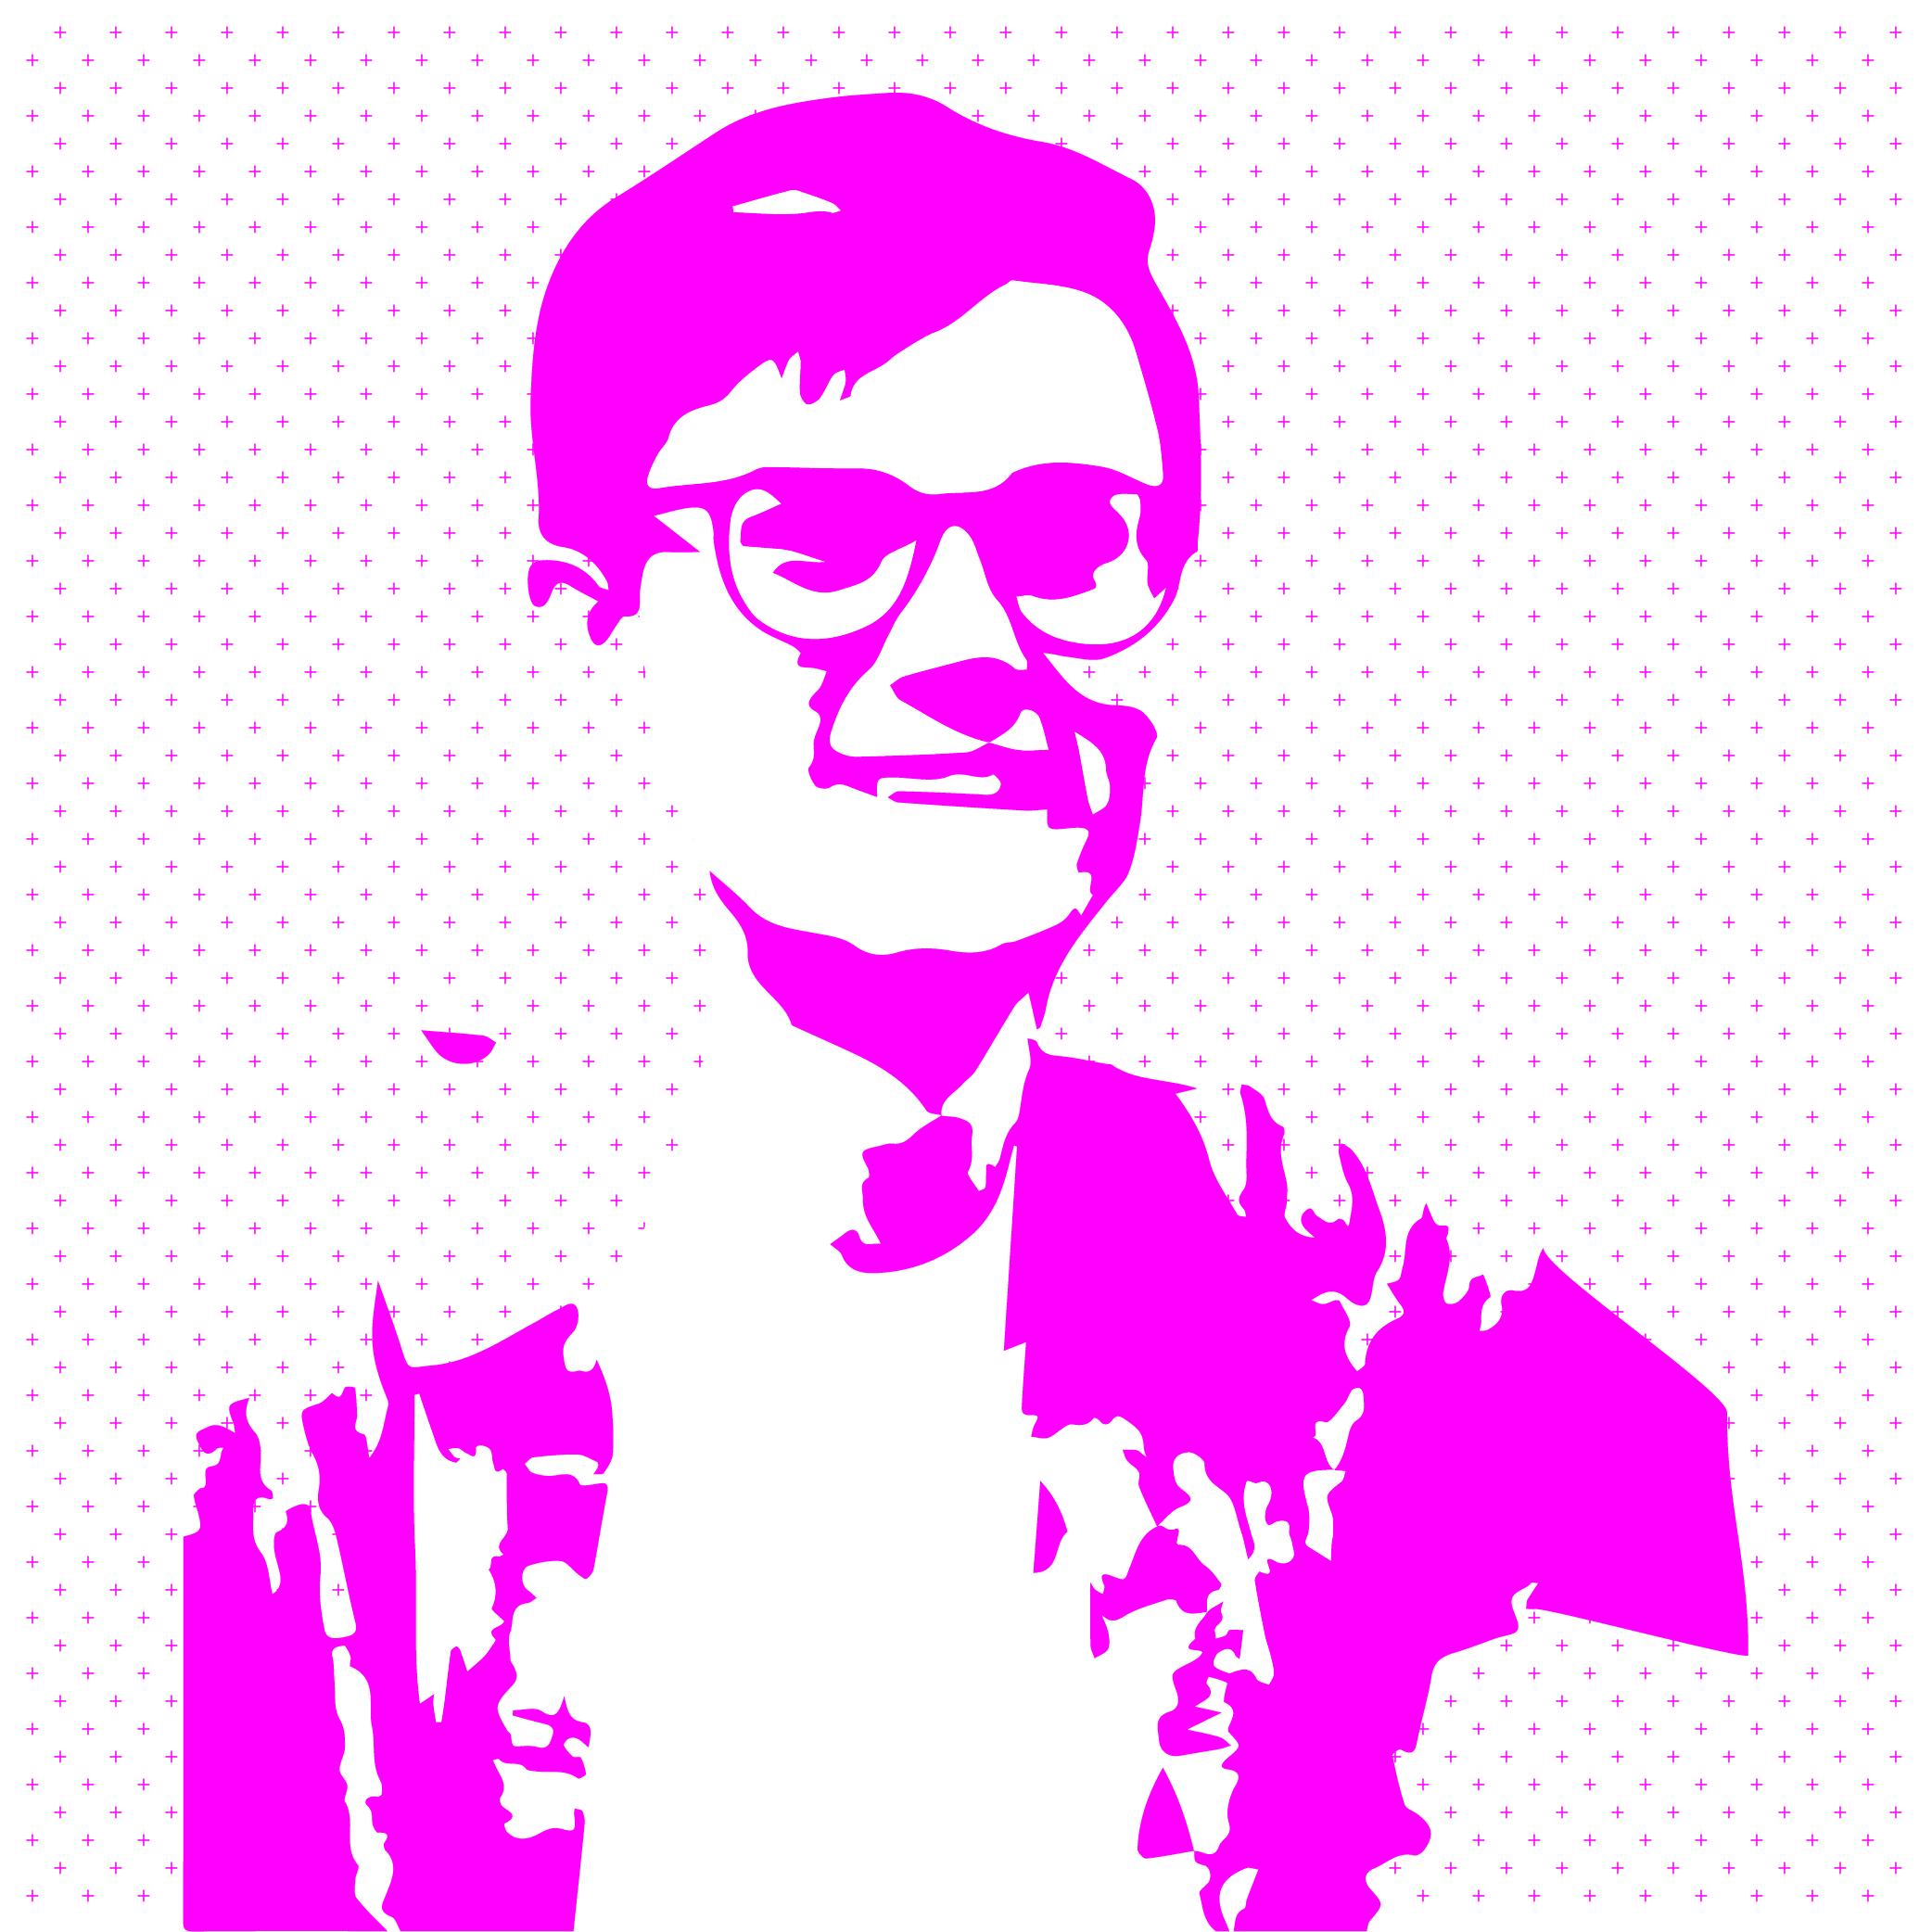 David Silcock - Summer Scholar